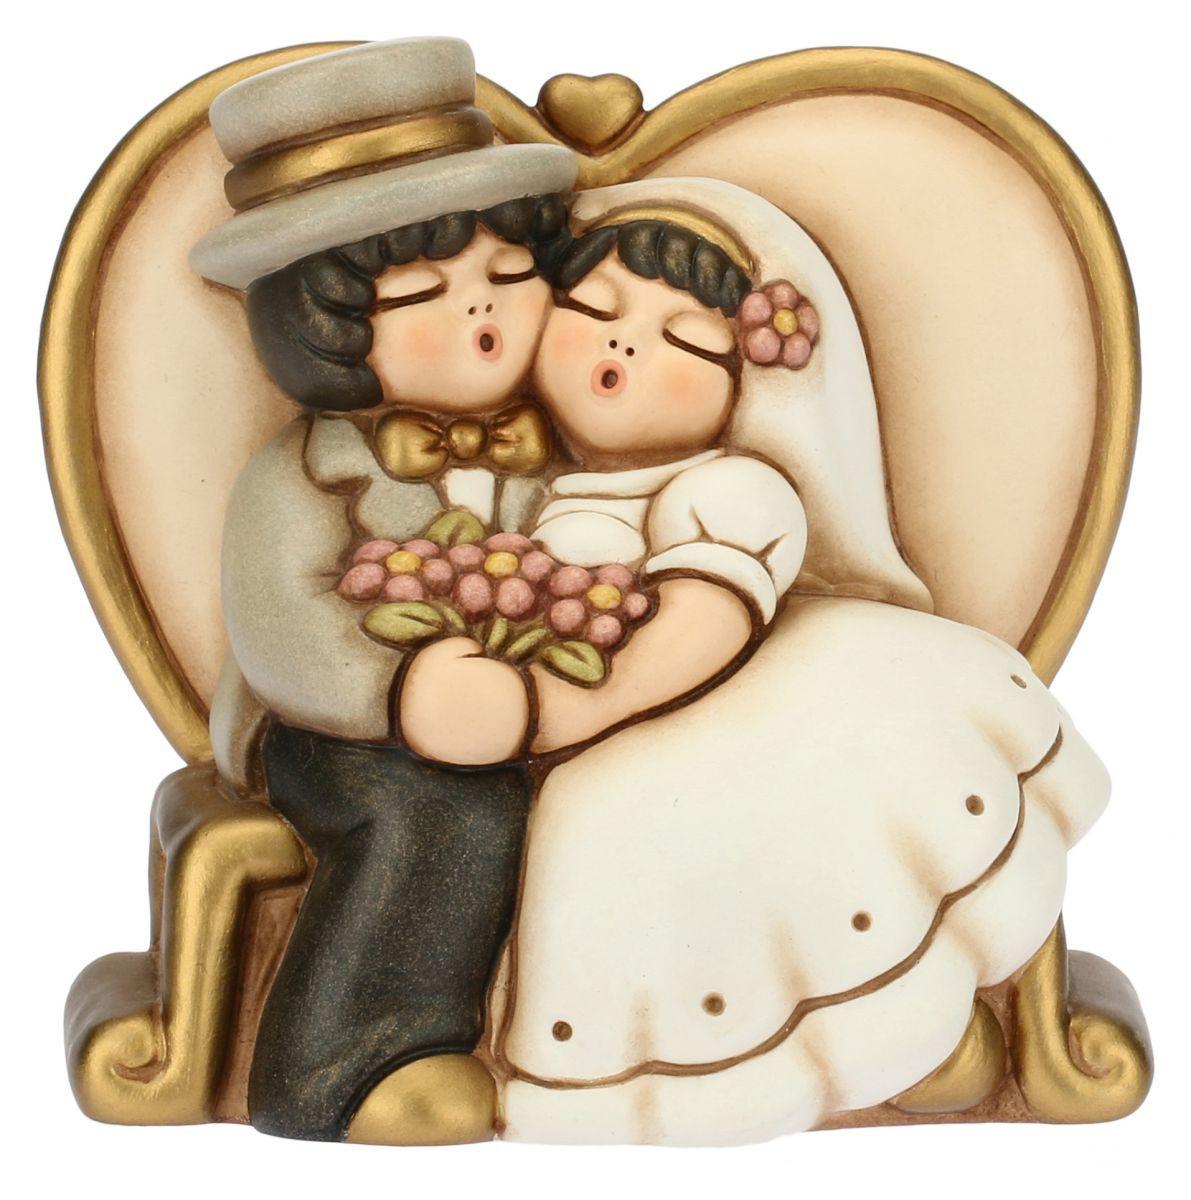 Bomboniere Matrimonio Thun.Bomboniere Matrimonio Thun Tutte Le Novita Della Nuova Collezione